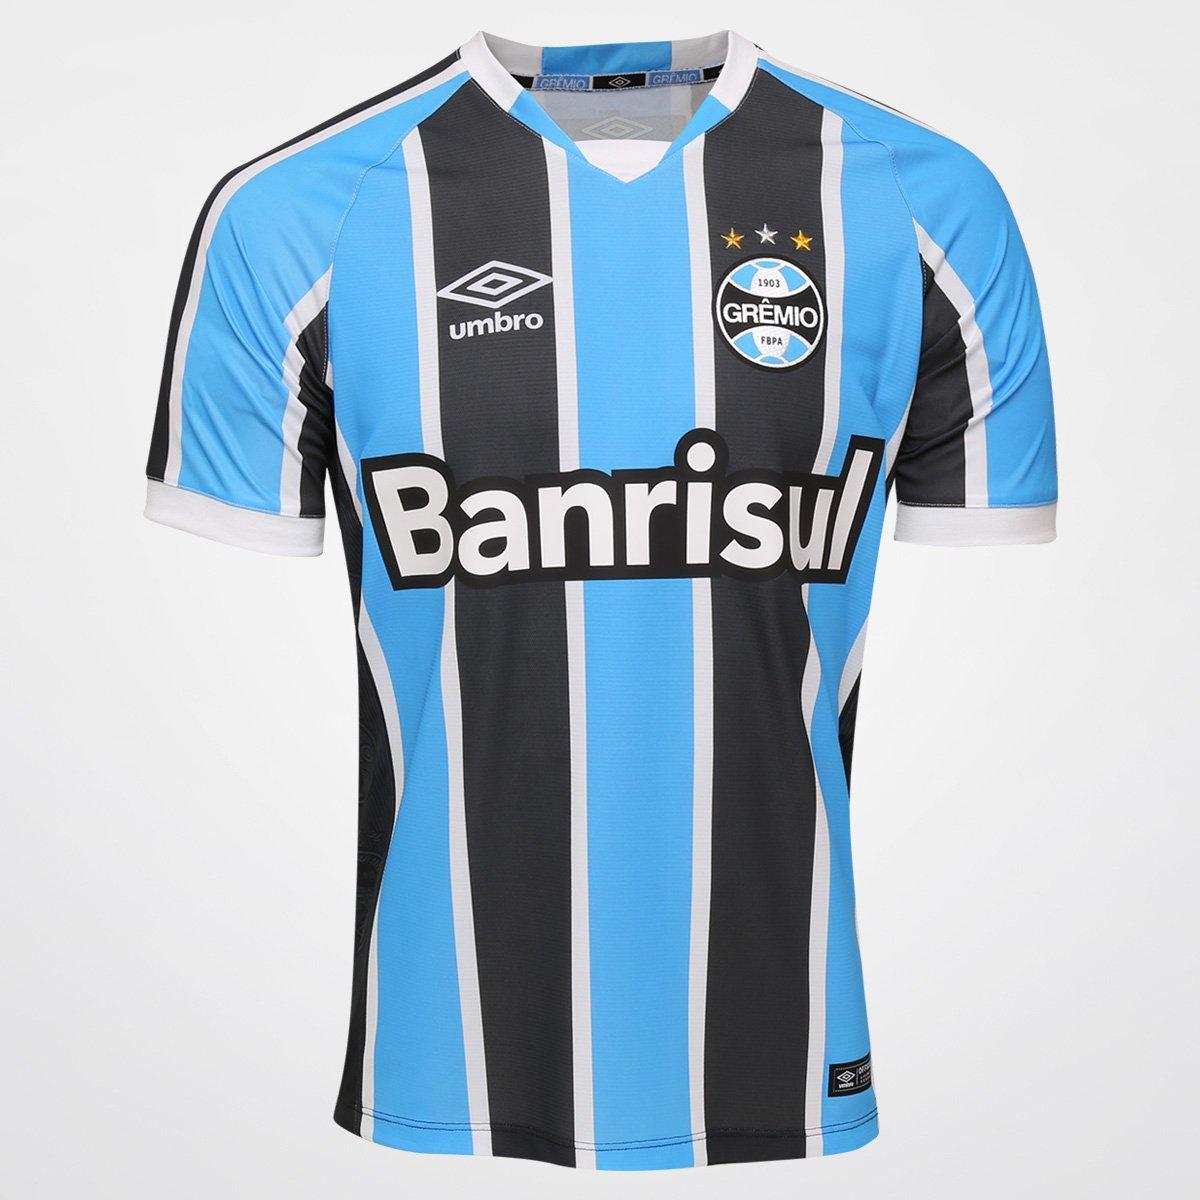 Camisa Grêmio I 2016 s nº Torcedor Umbro Masculina - Compre Agora ... 296d52a883c91